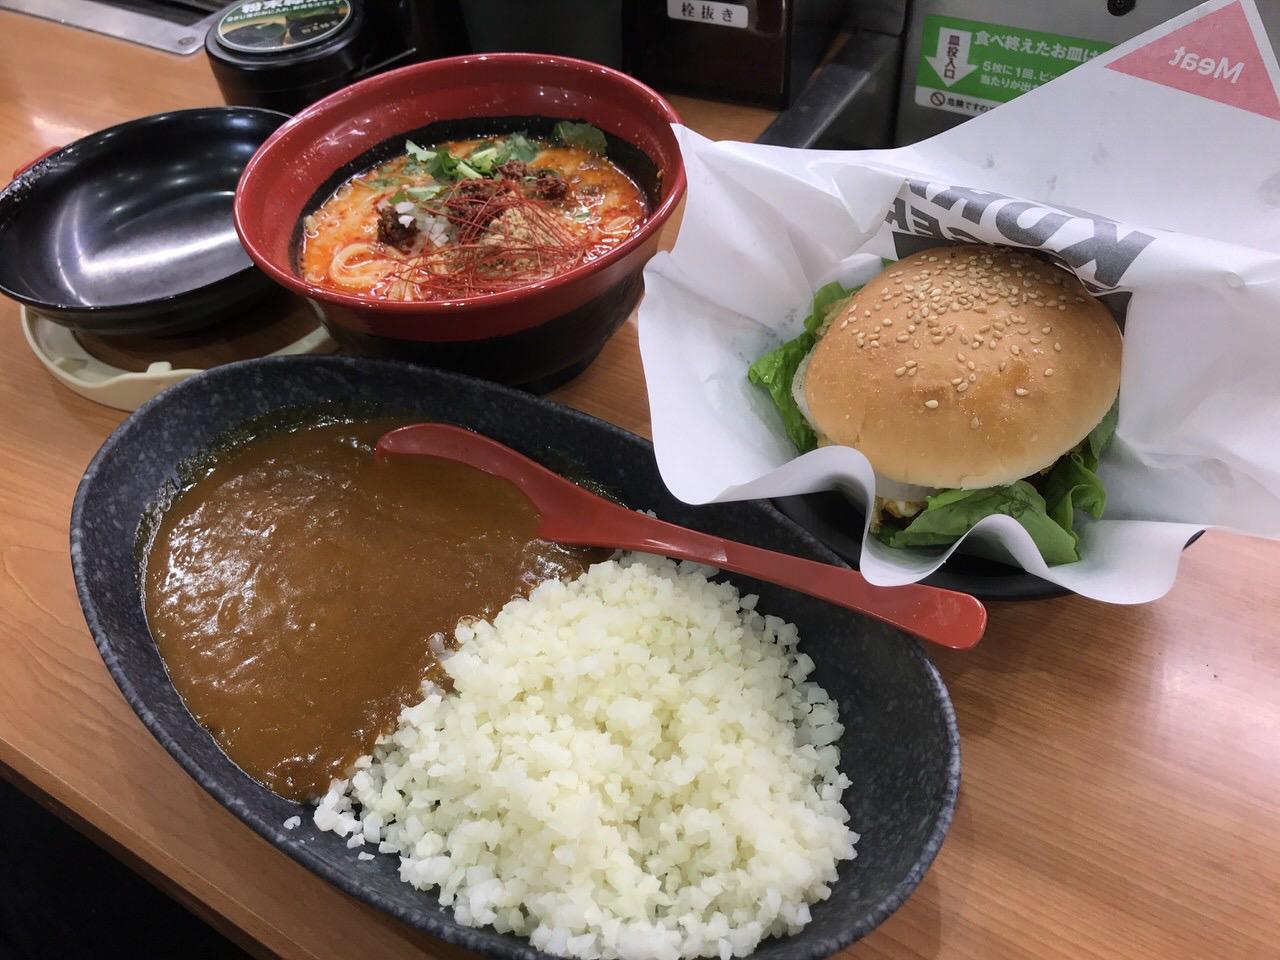 くら寿司 カリフラワーのカレー